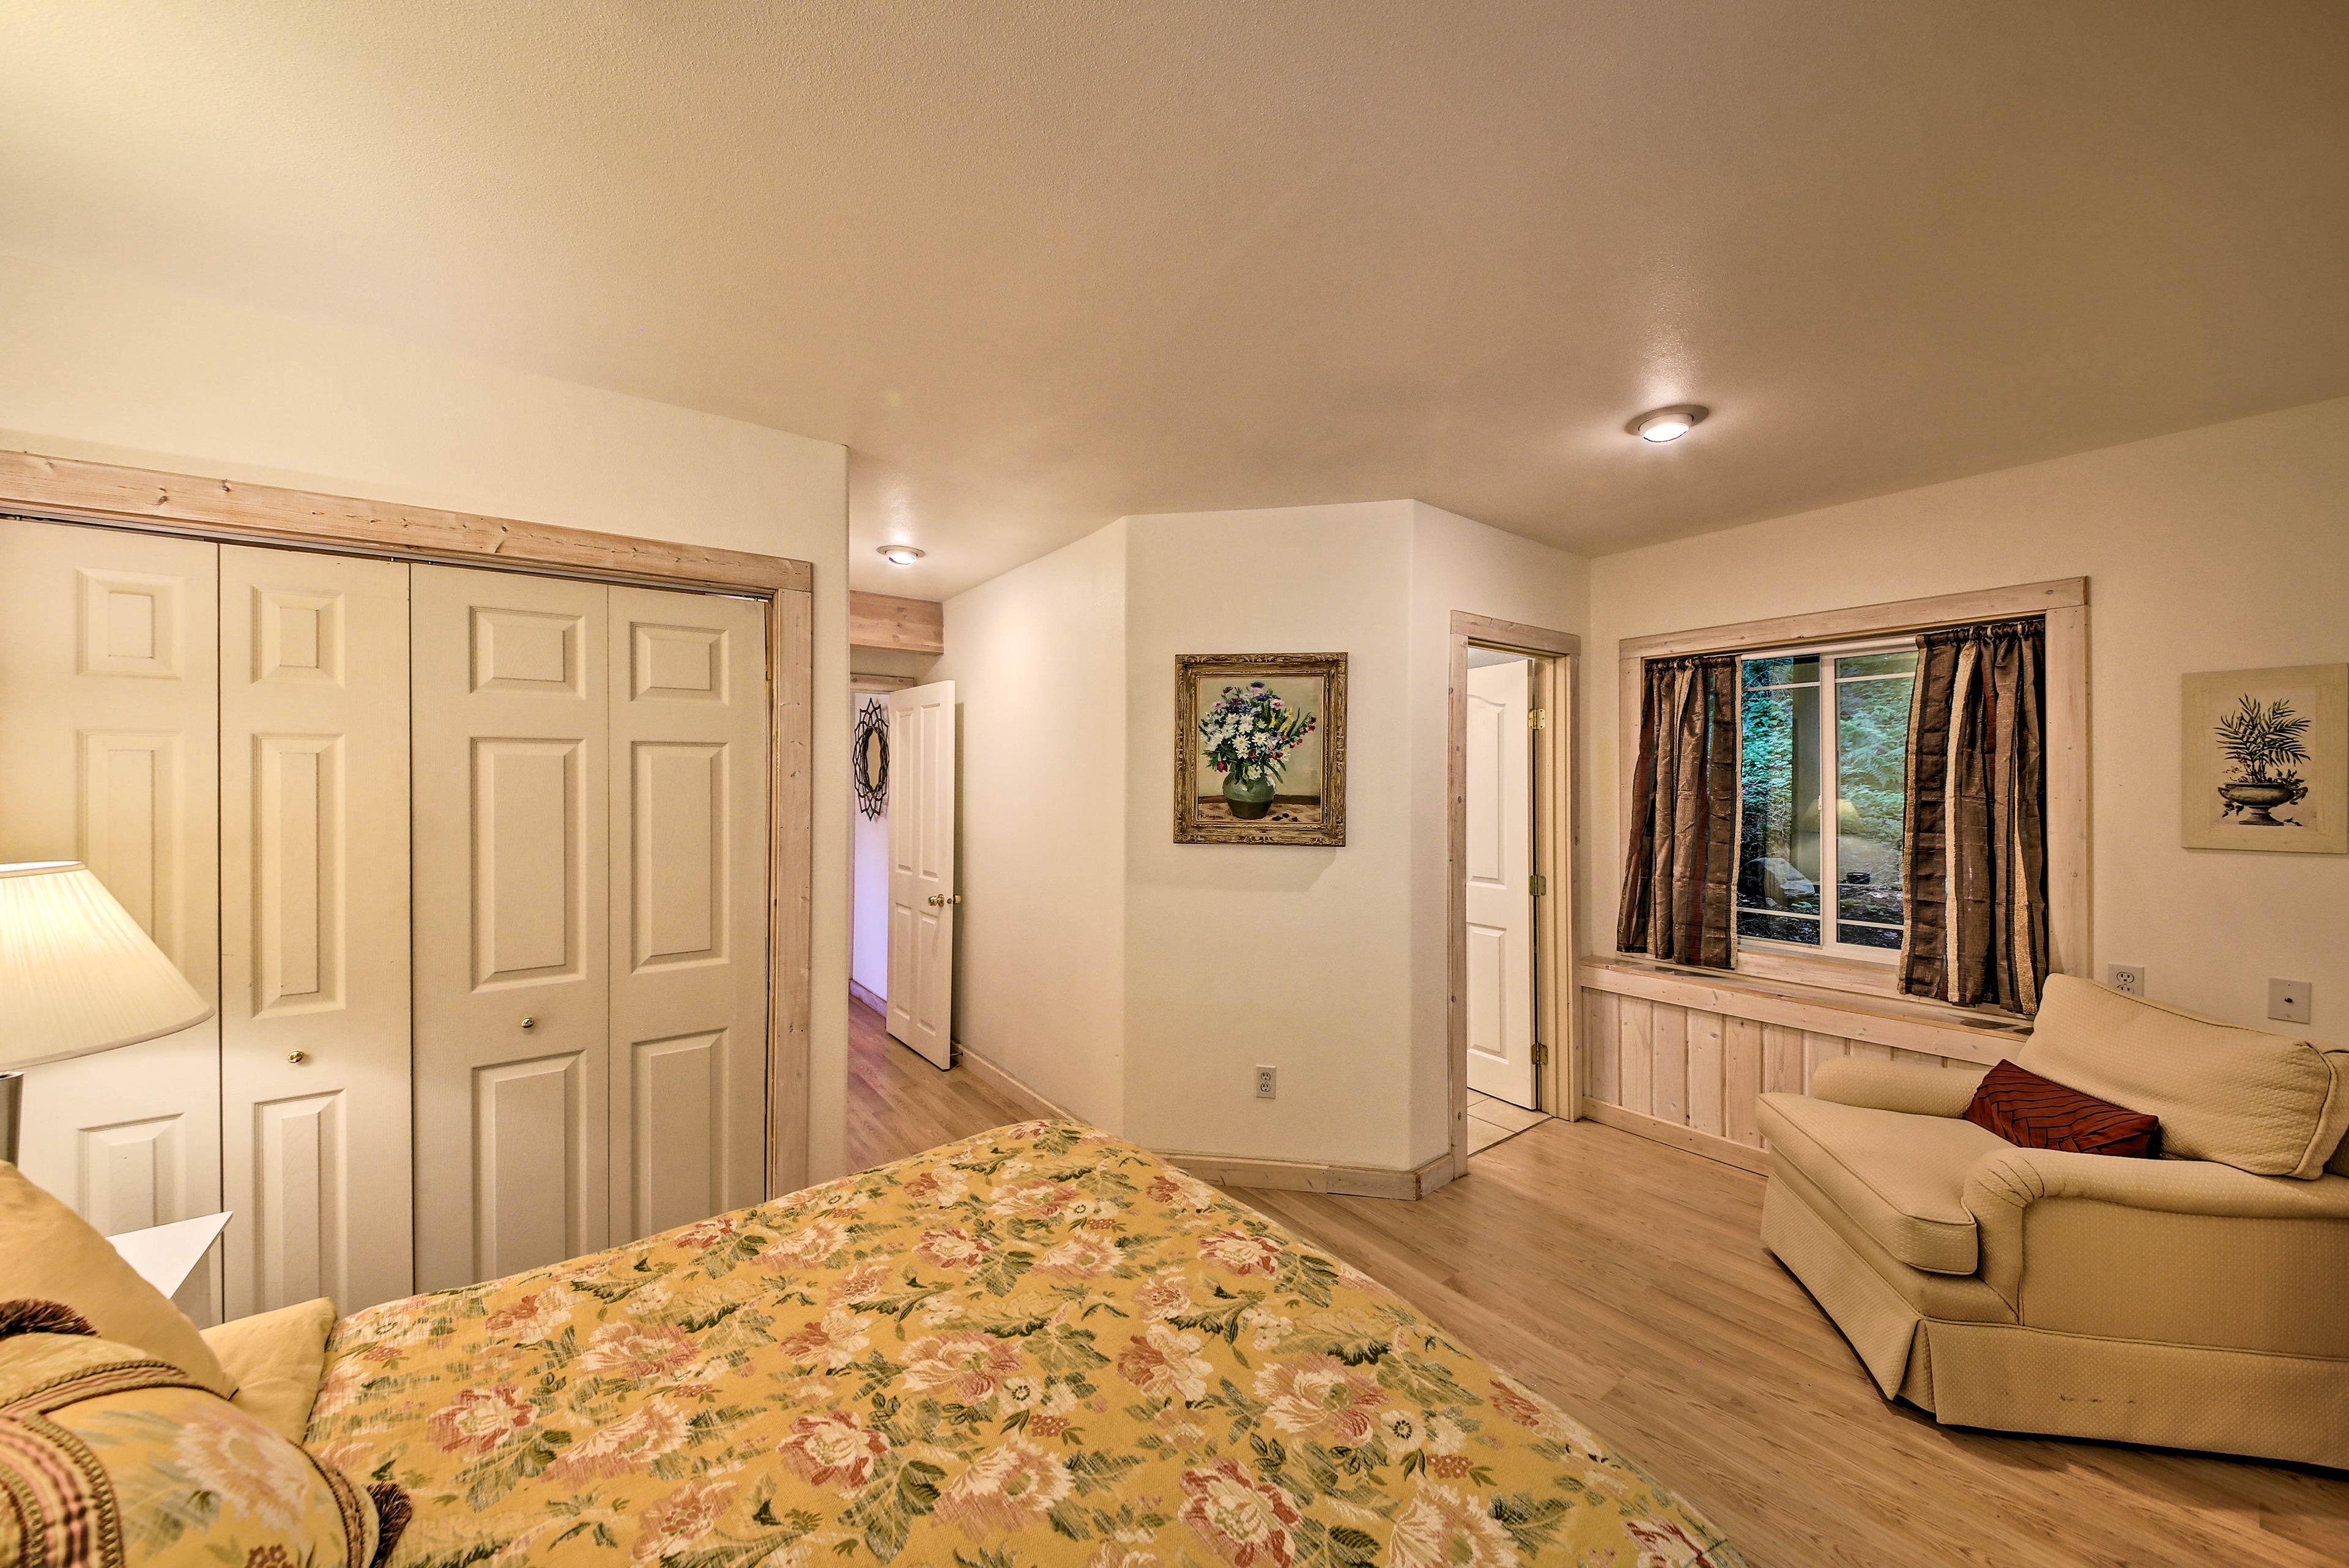 This bedroom also includes an en-suite bathroom.